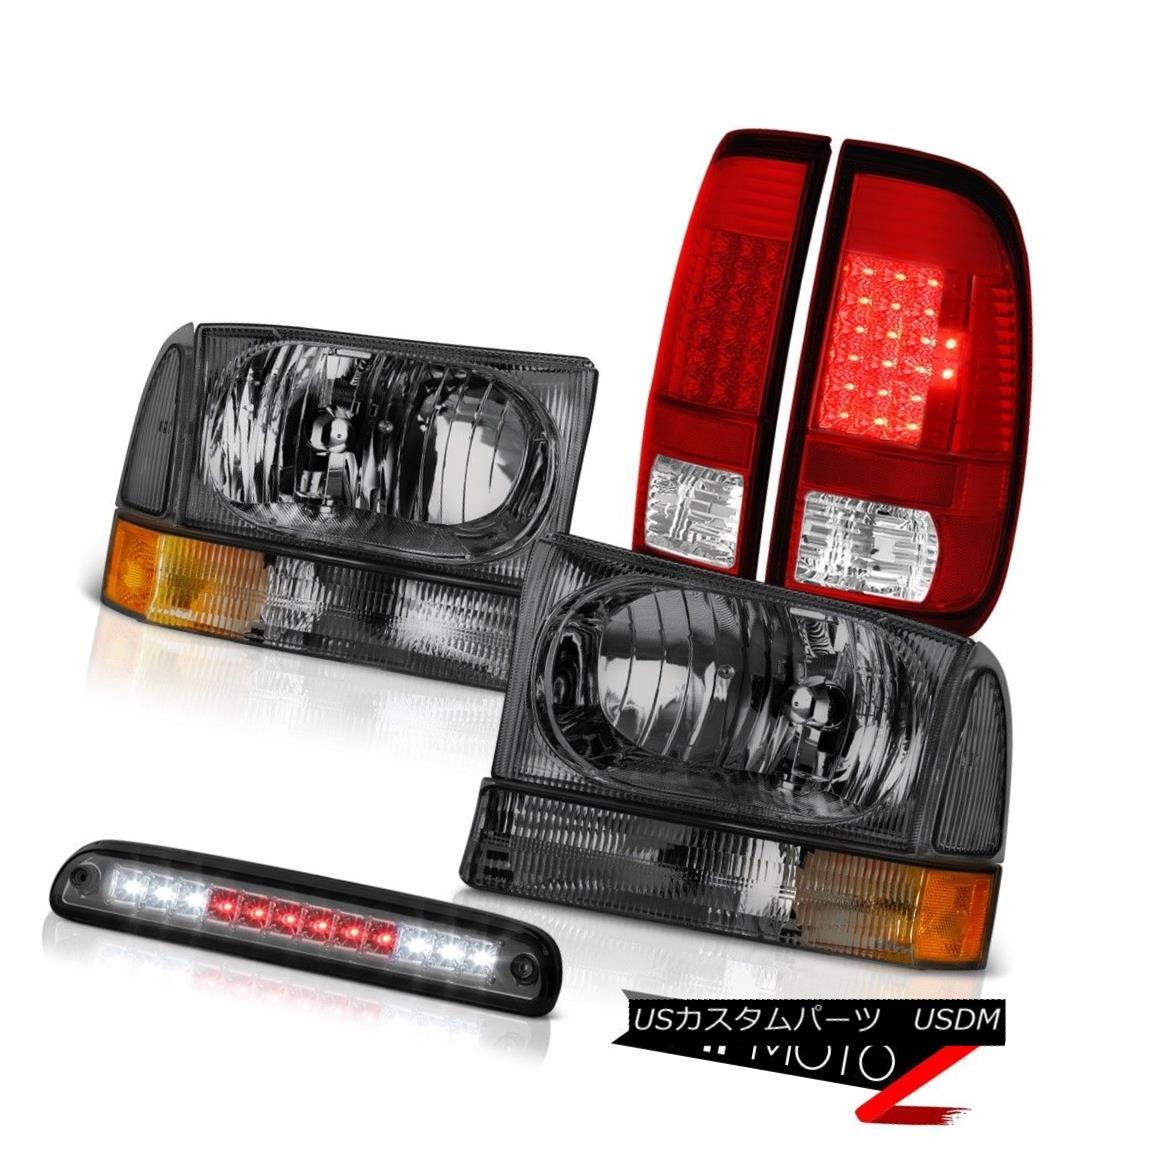 テールライト 99-04 F350 6.0L Crystal Headlights Rosso Red LED Tail Lights Roof Stop Tinted 99-04 F350 6.0LクリスタルヘッドライトロッソレッドLEDテールライトルーフストーンティント